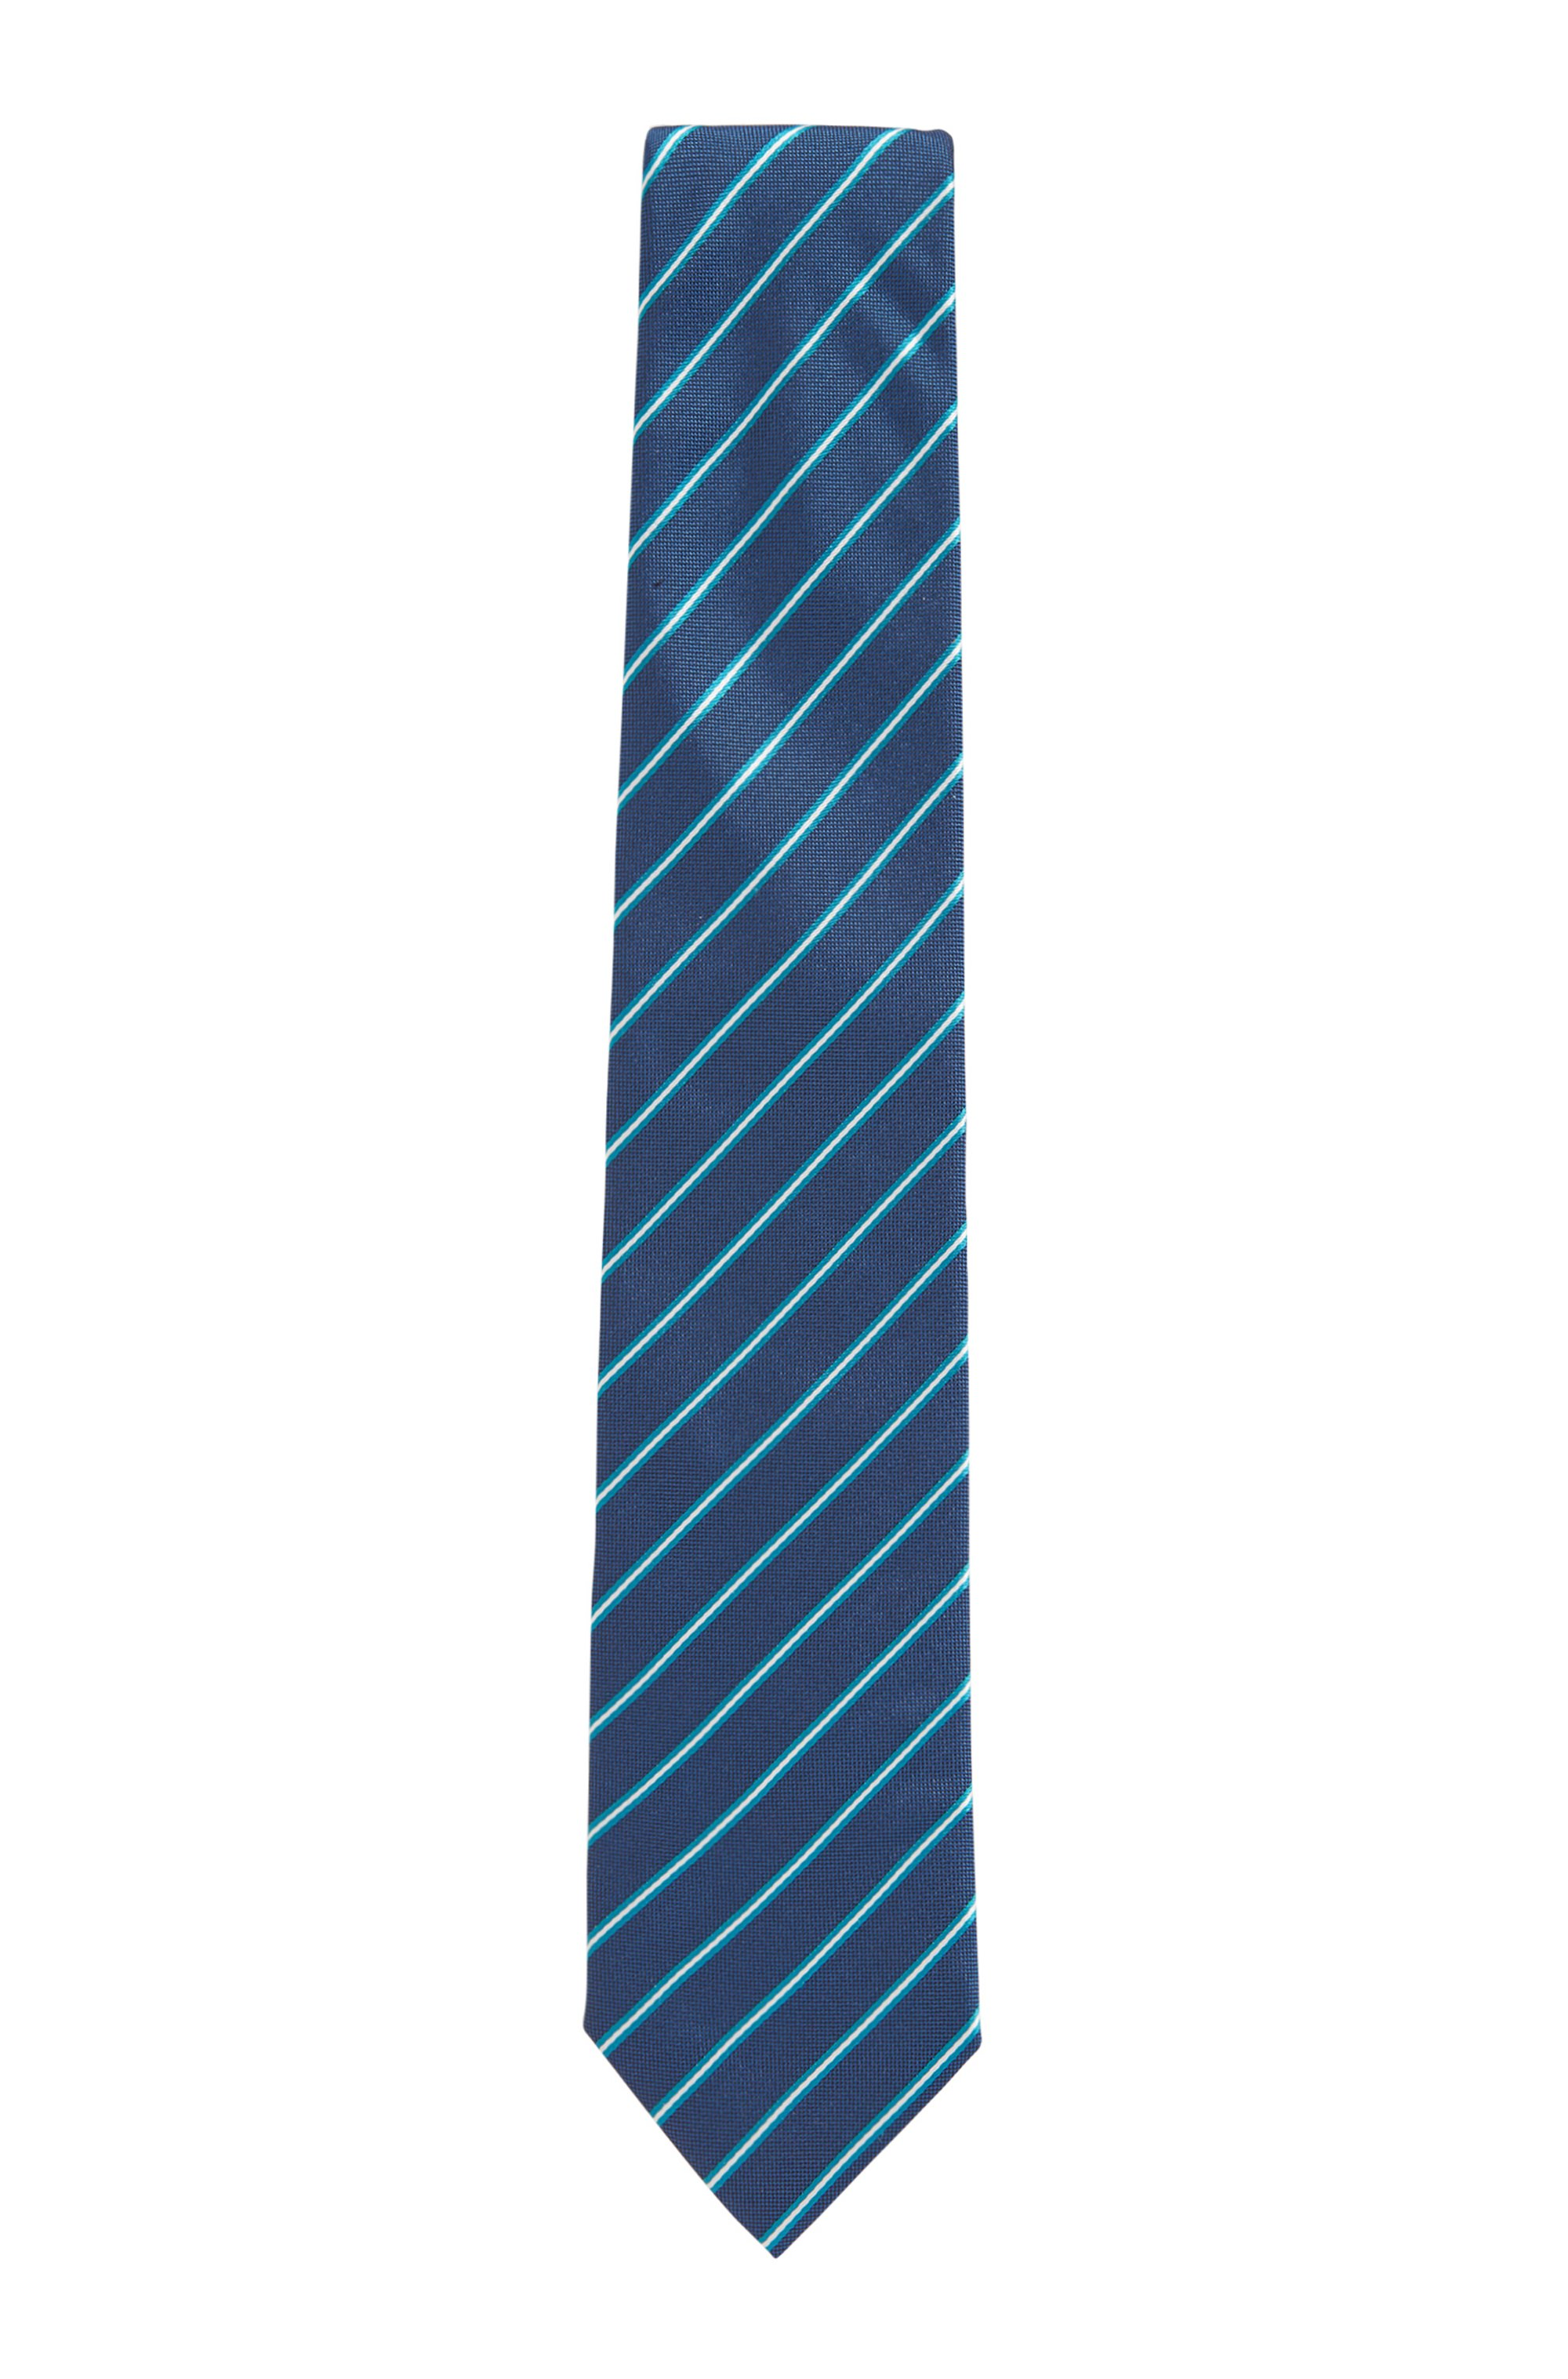 Cravate en jacquard de soie avec rayures en diagonale, Vert